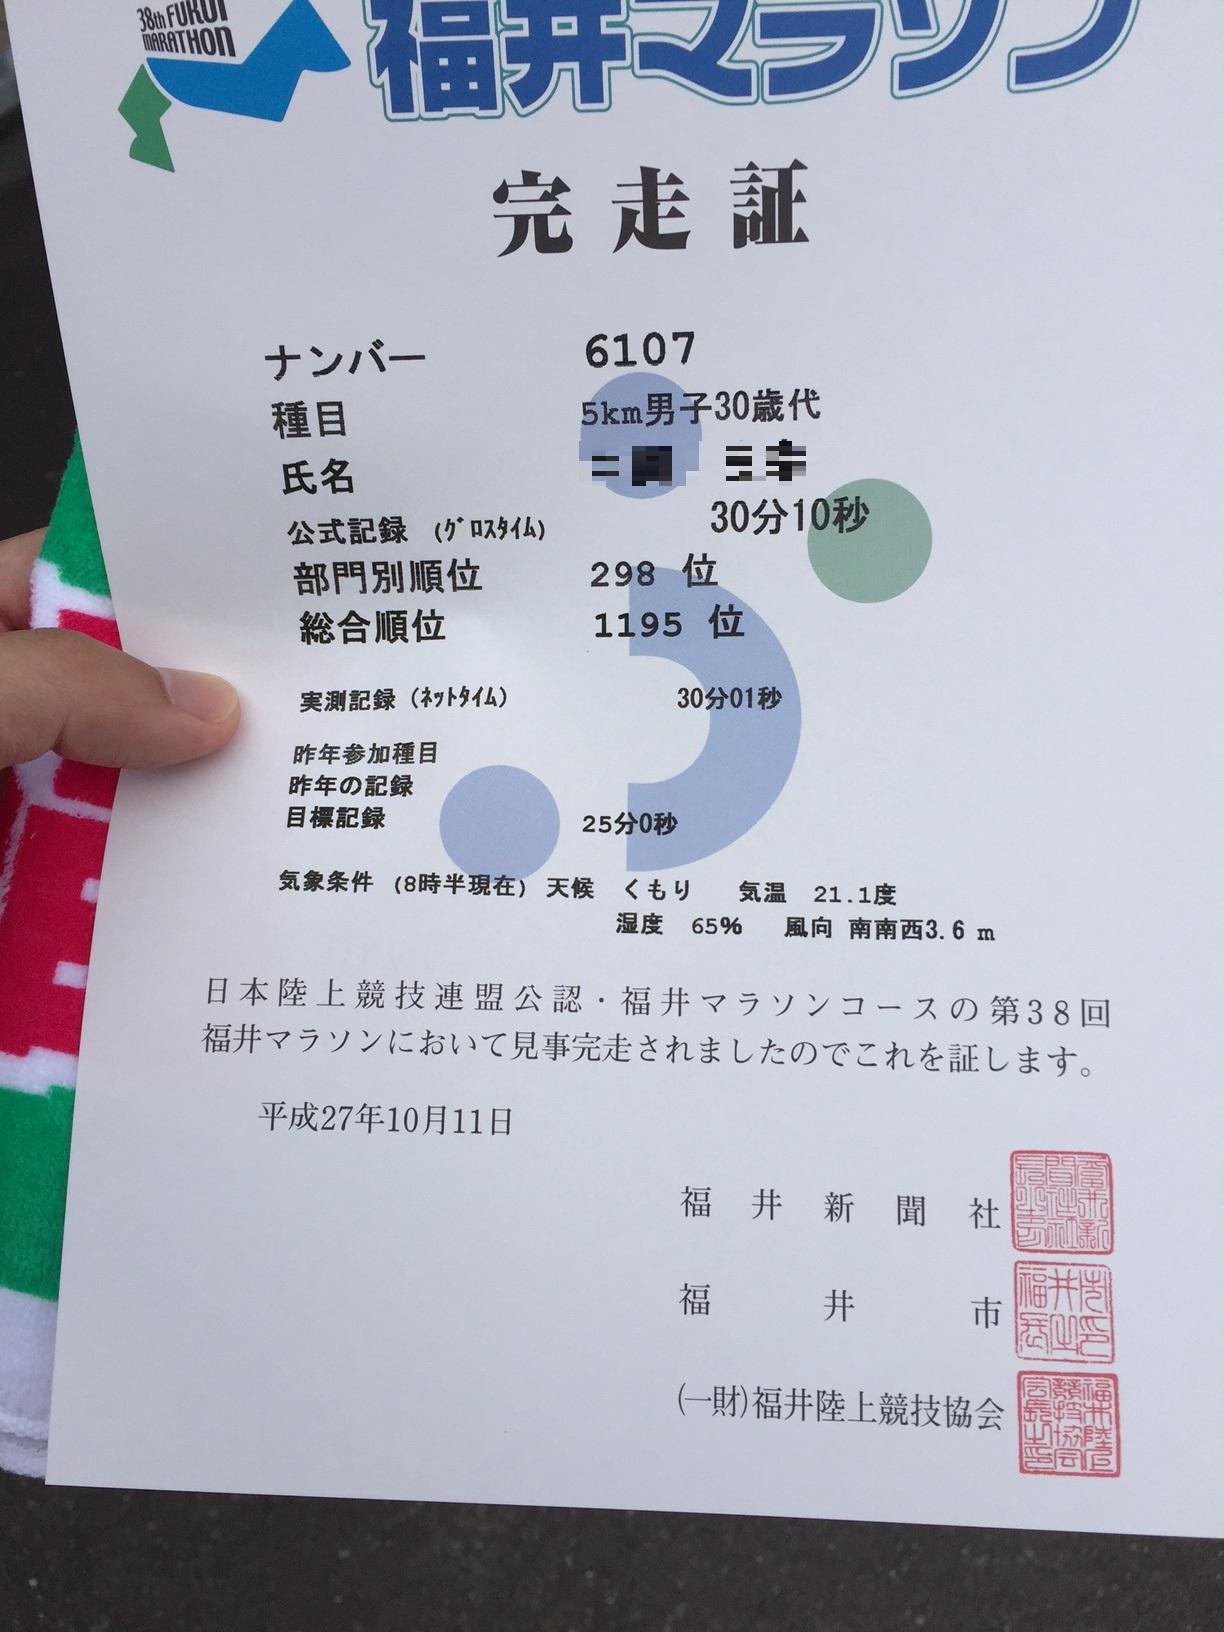 4福井マラソン2015